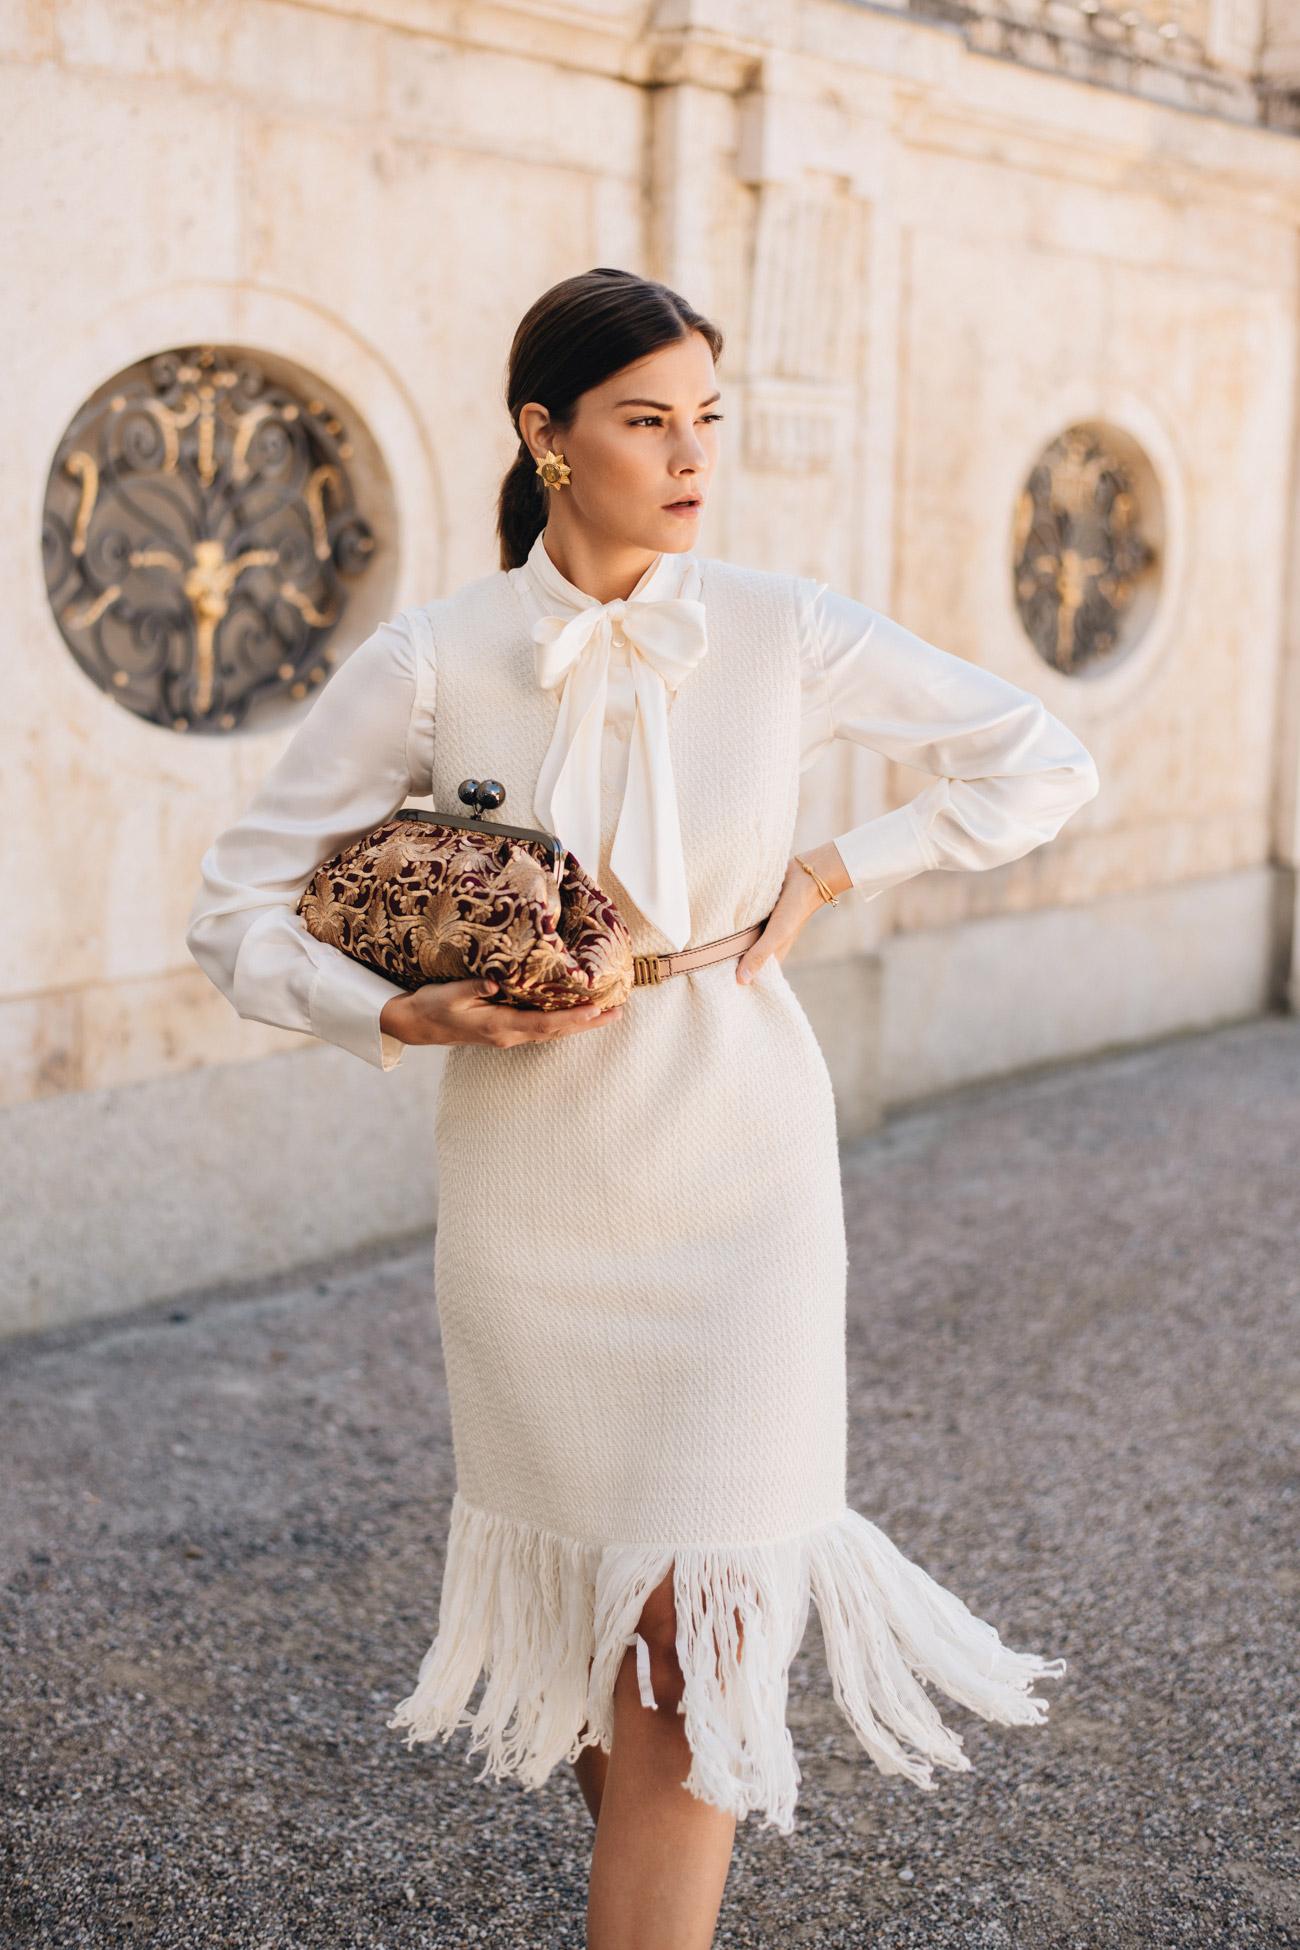 Schluppenbluse zum Kleid tragen